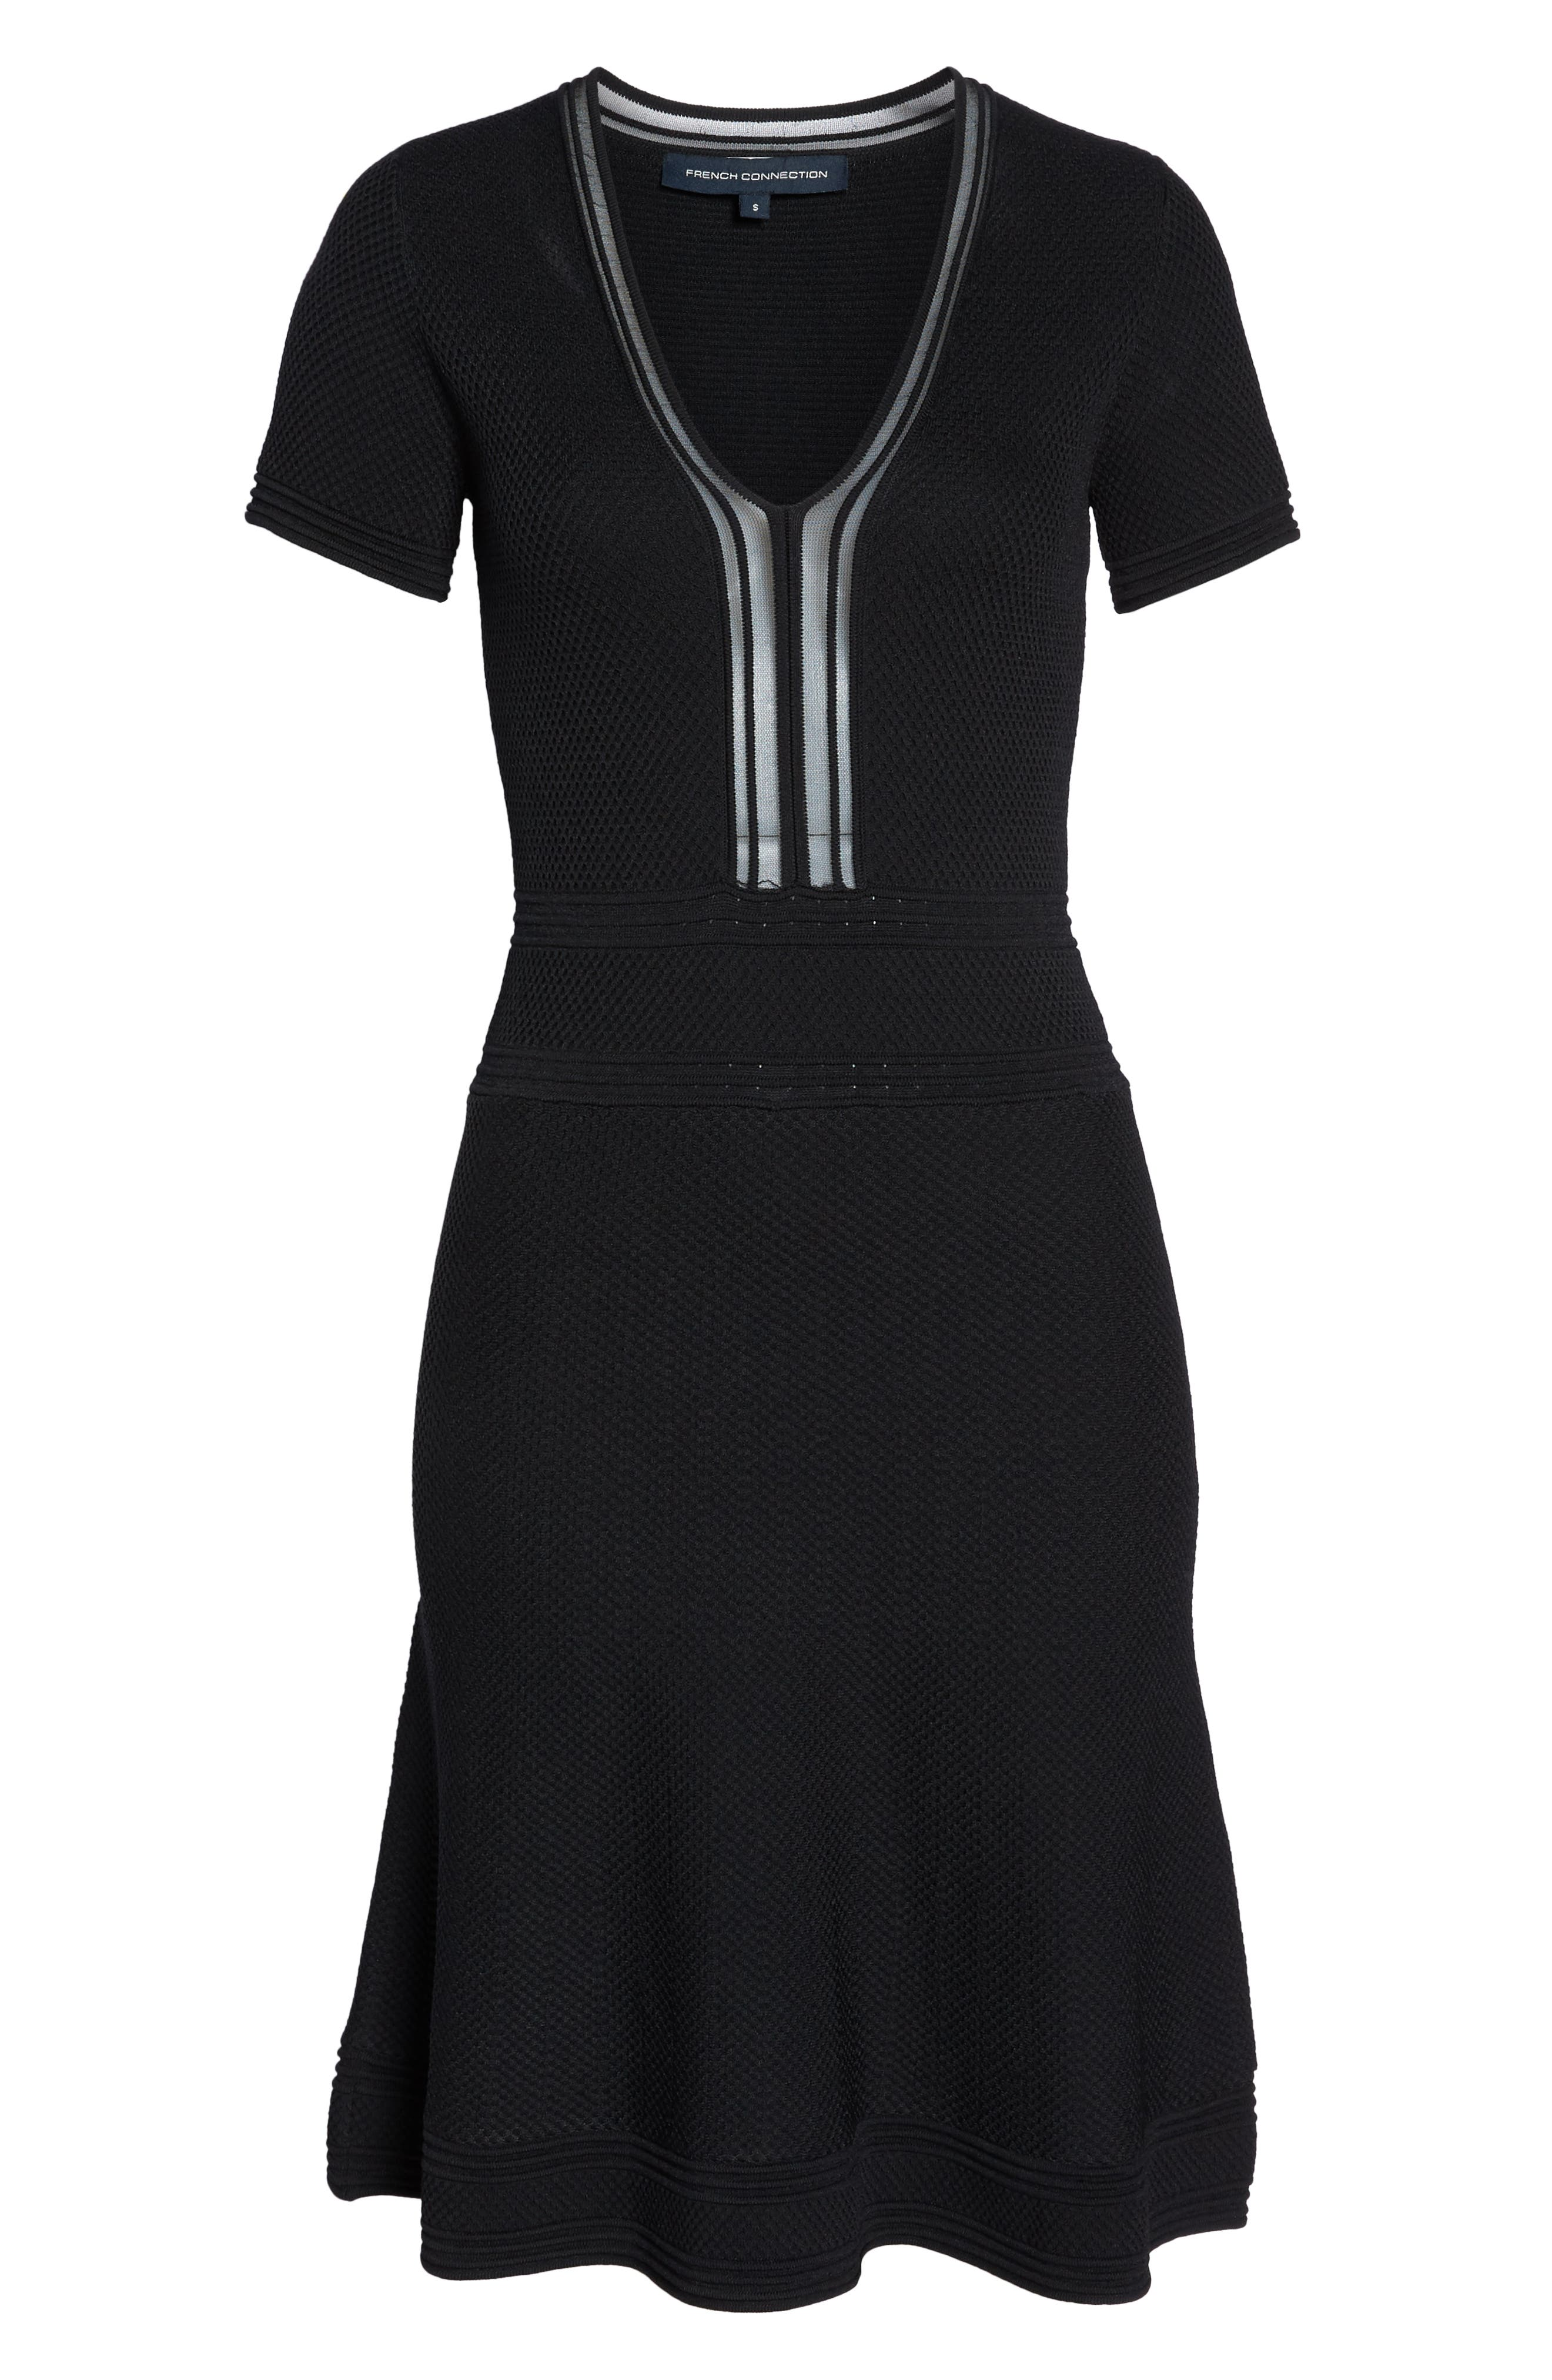 Ellie Knits V-Neck Fit & Flare Dress,                             Alternate thumbnail 7, color,                             001